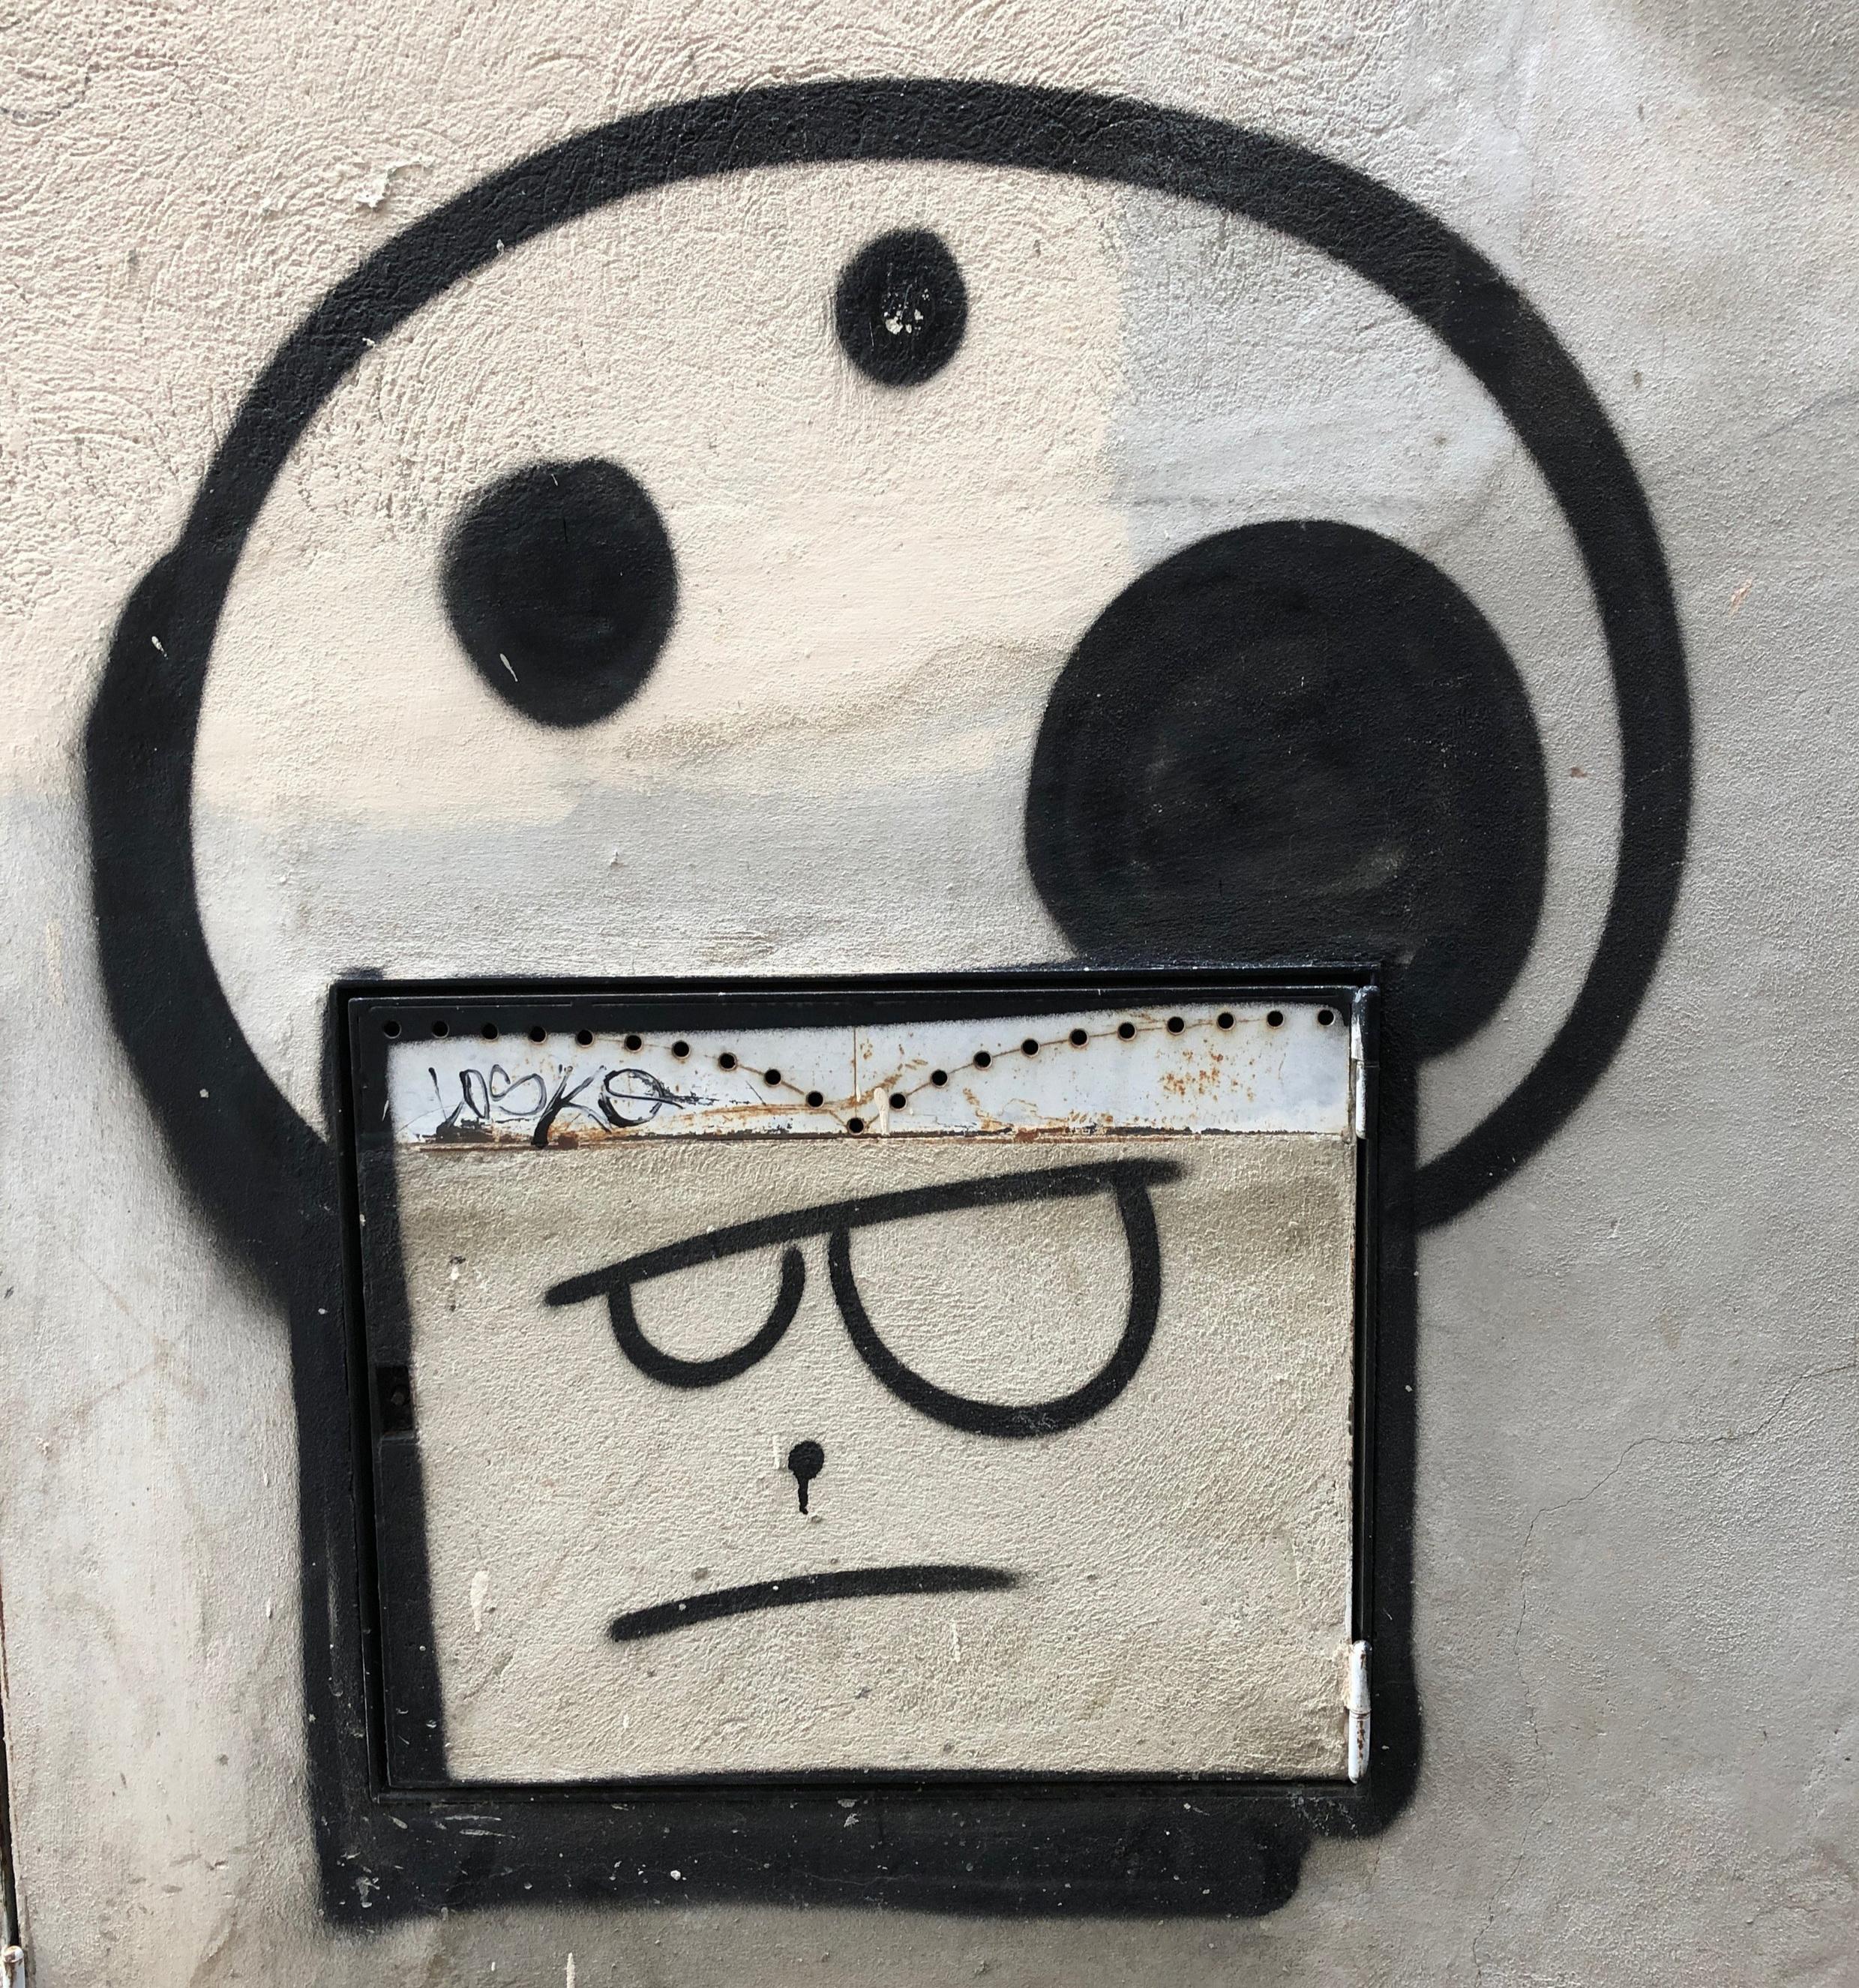 Illustrationen an der Wand - schnell mit dem Smartphone aufgenommen und in den Bilderpool gepackt - mit wenigen Strichen können so Emotionen dargestellt werden.